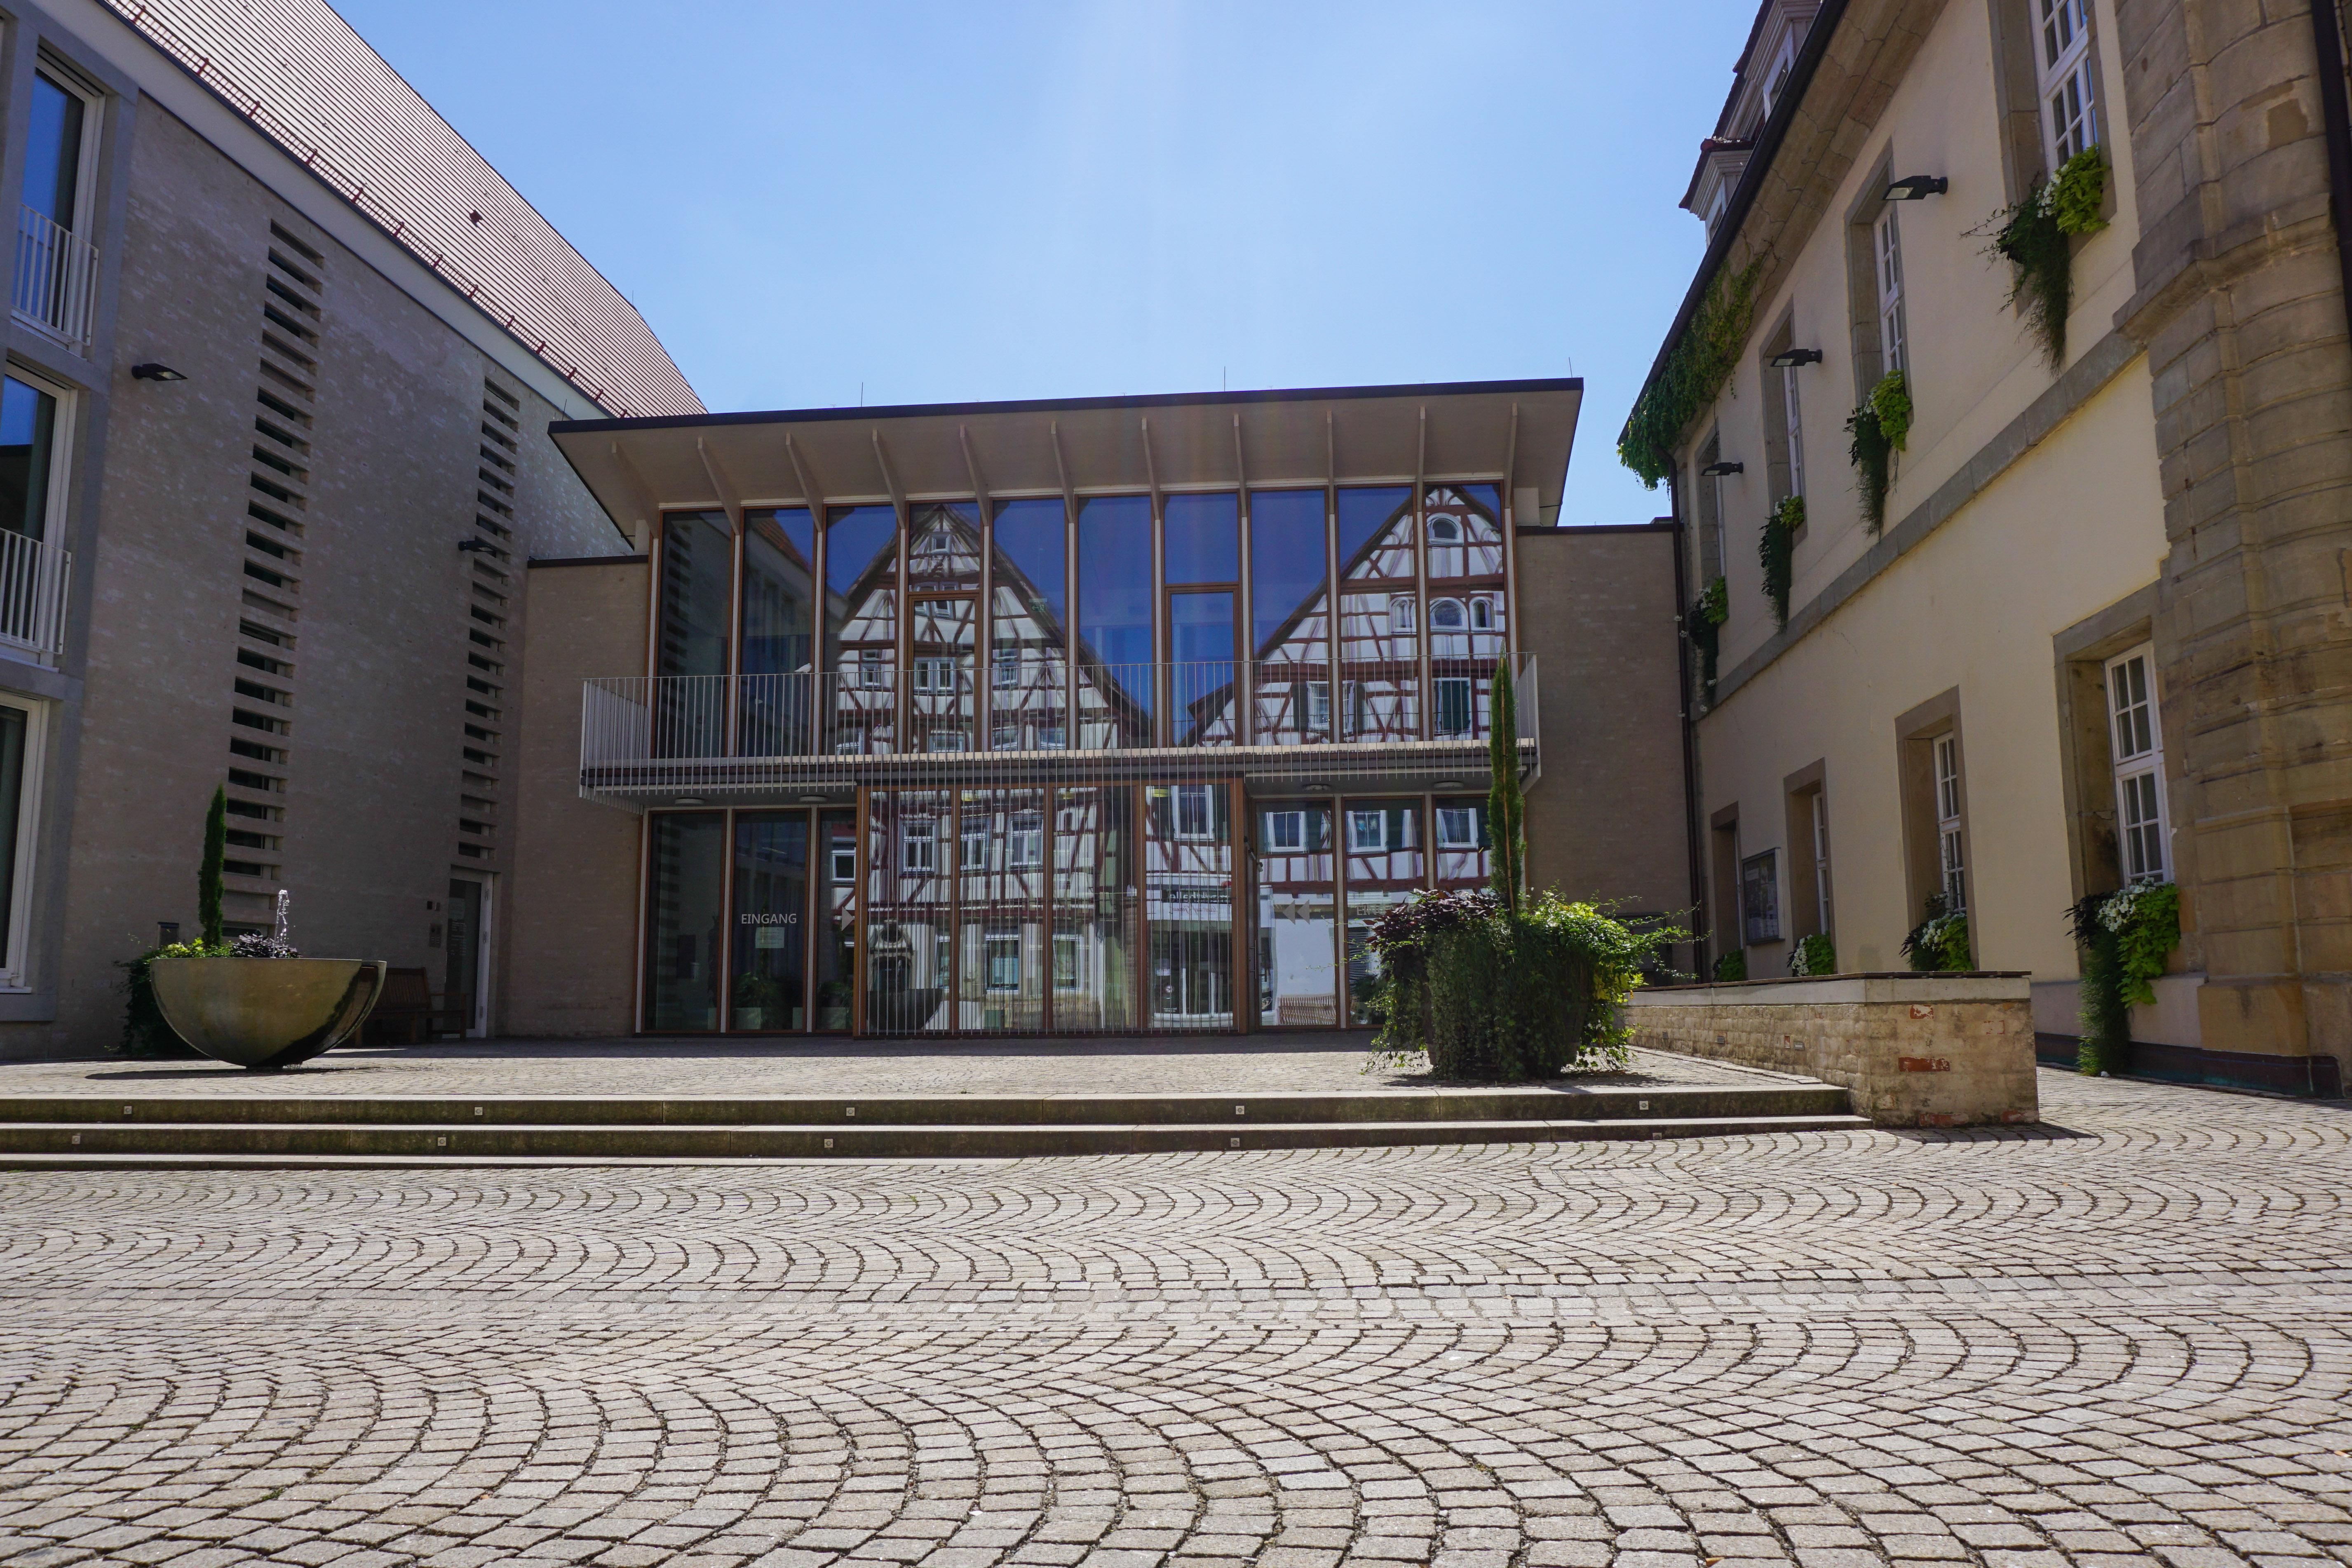 Neues Rathaus Brackenheim